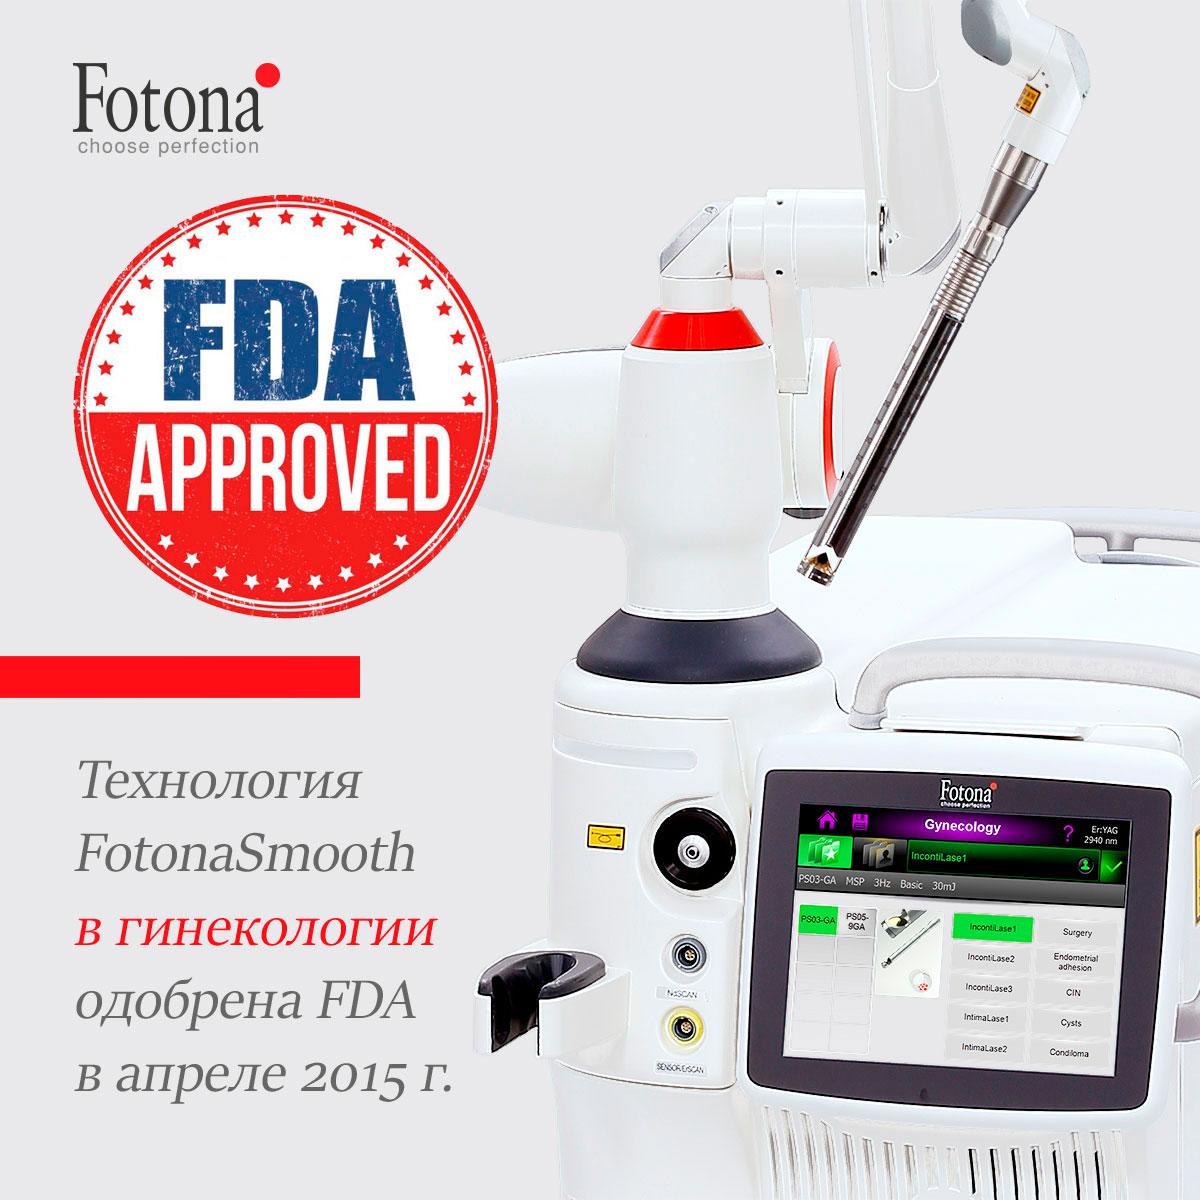 Лазер в гинекологии - что означает предостережение FDA